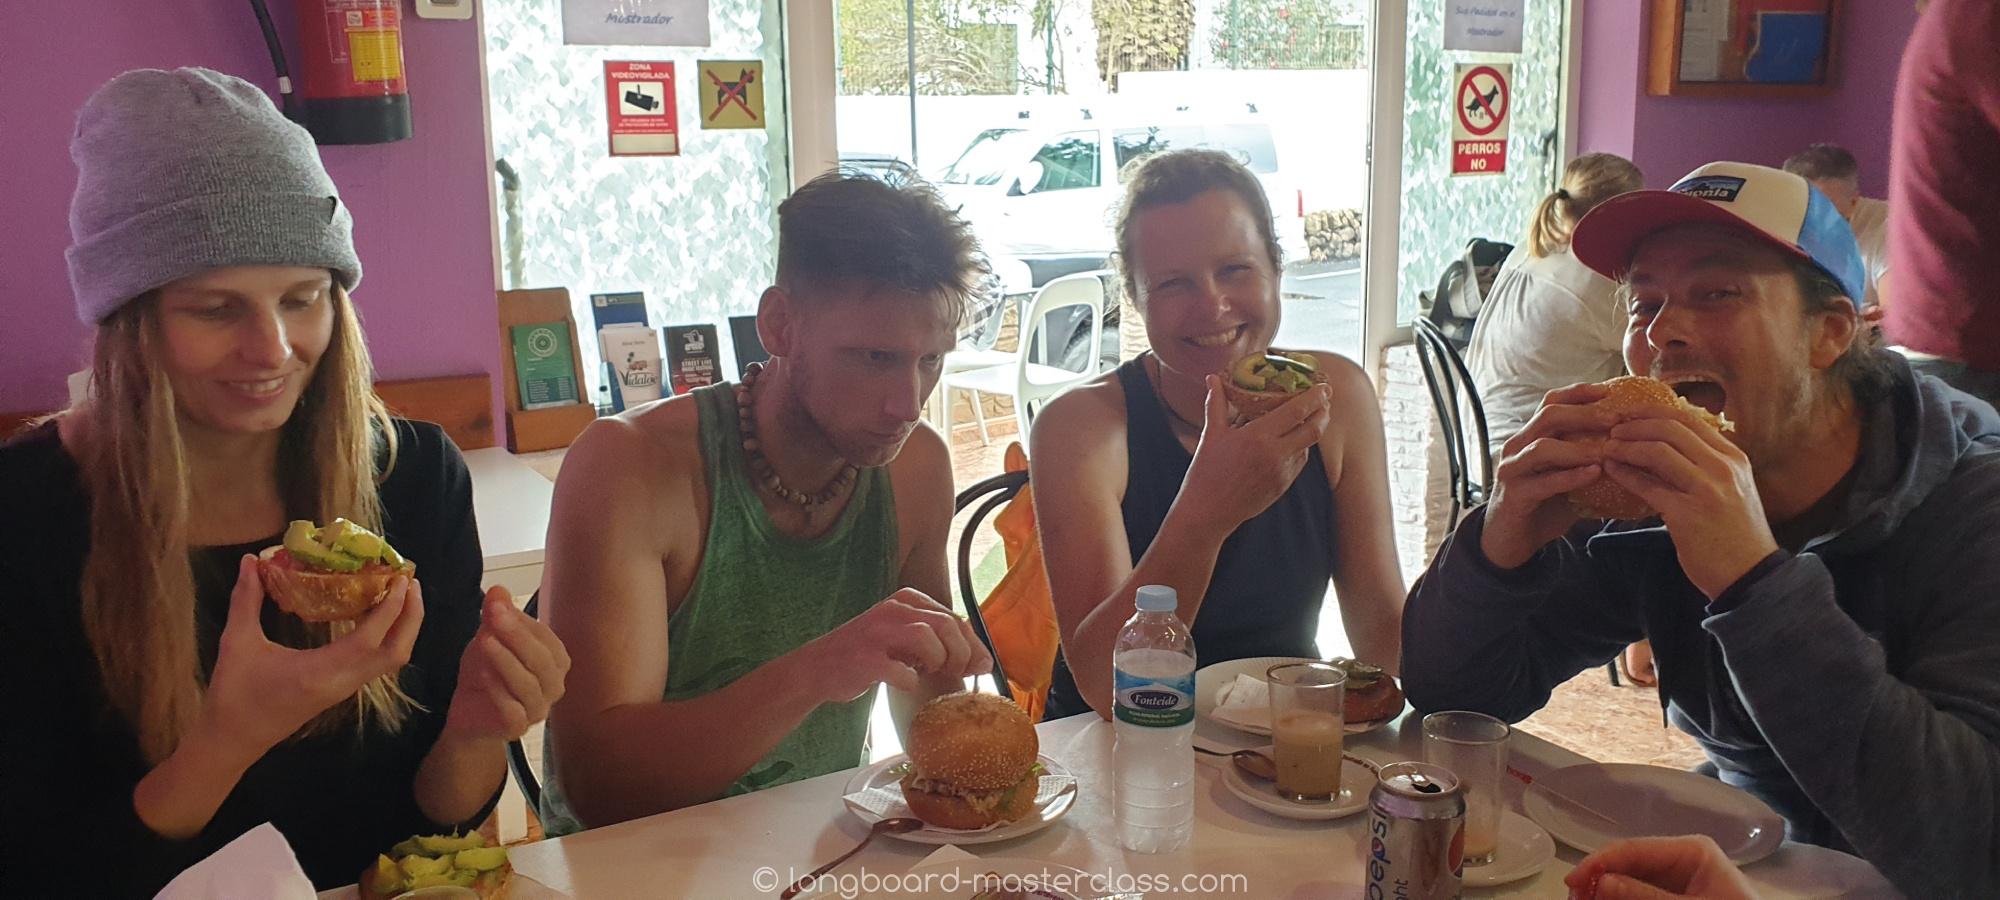 Verpflegung im Longboard Camp. Die besten Restaurants und Küchen Fuerteventuras.